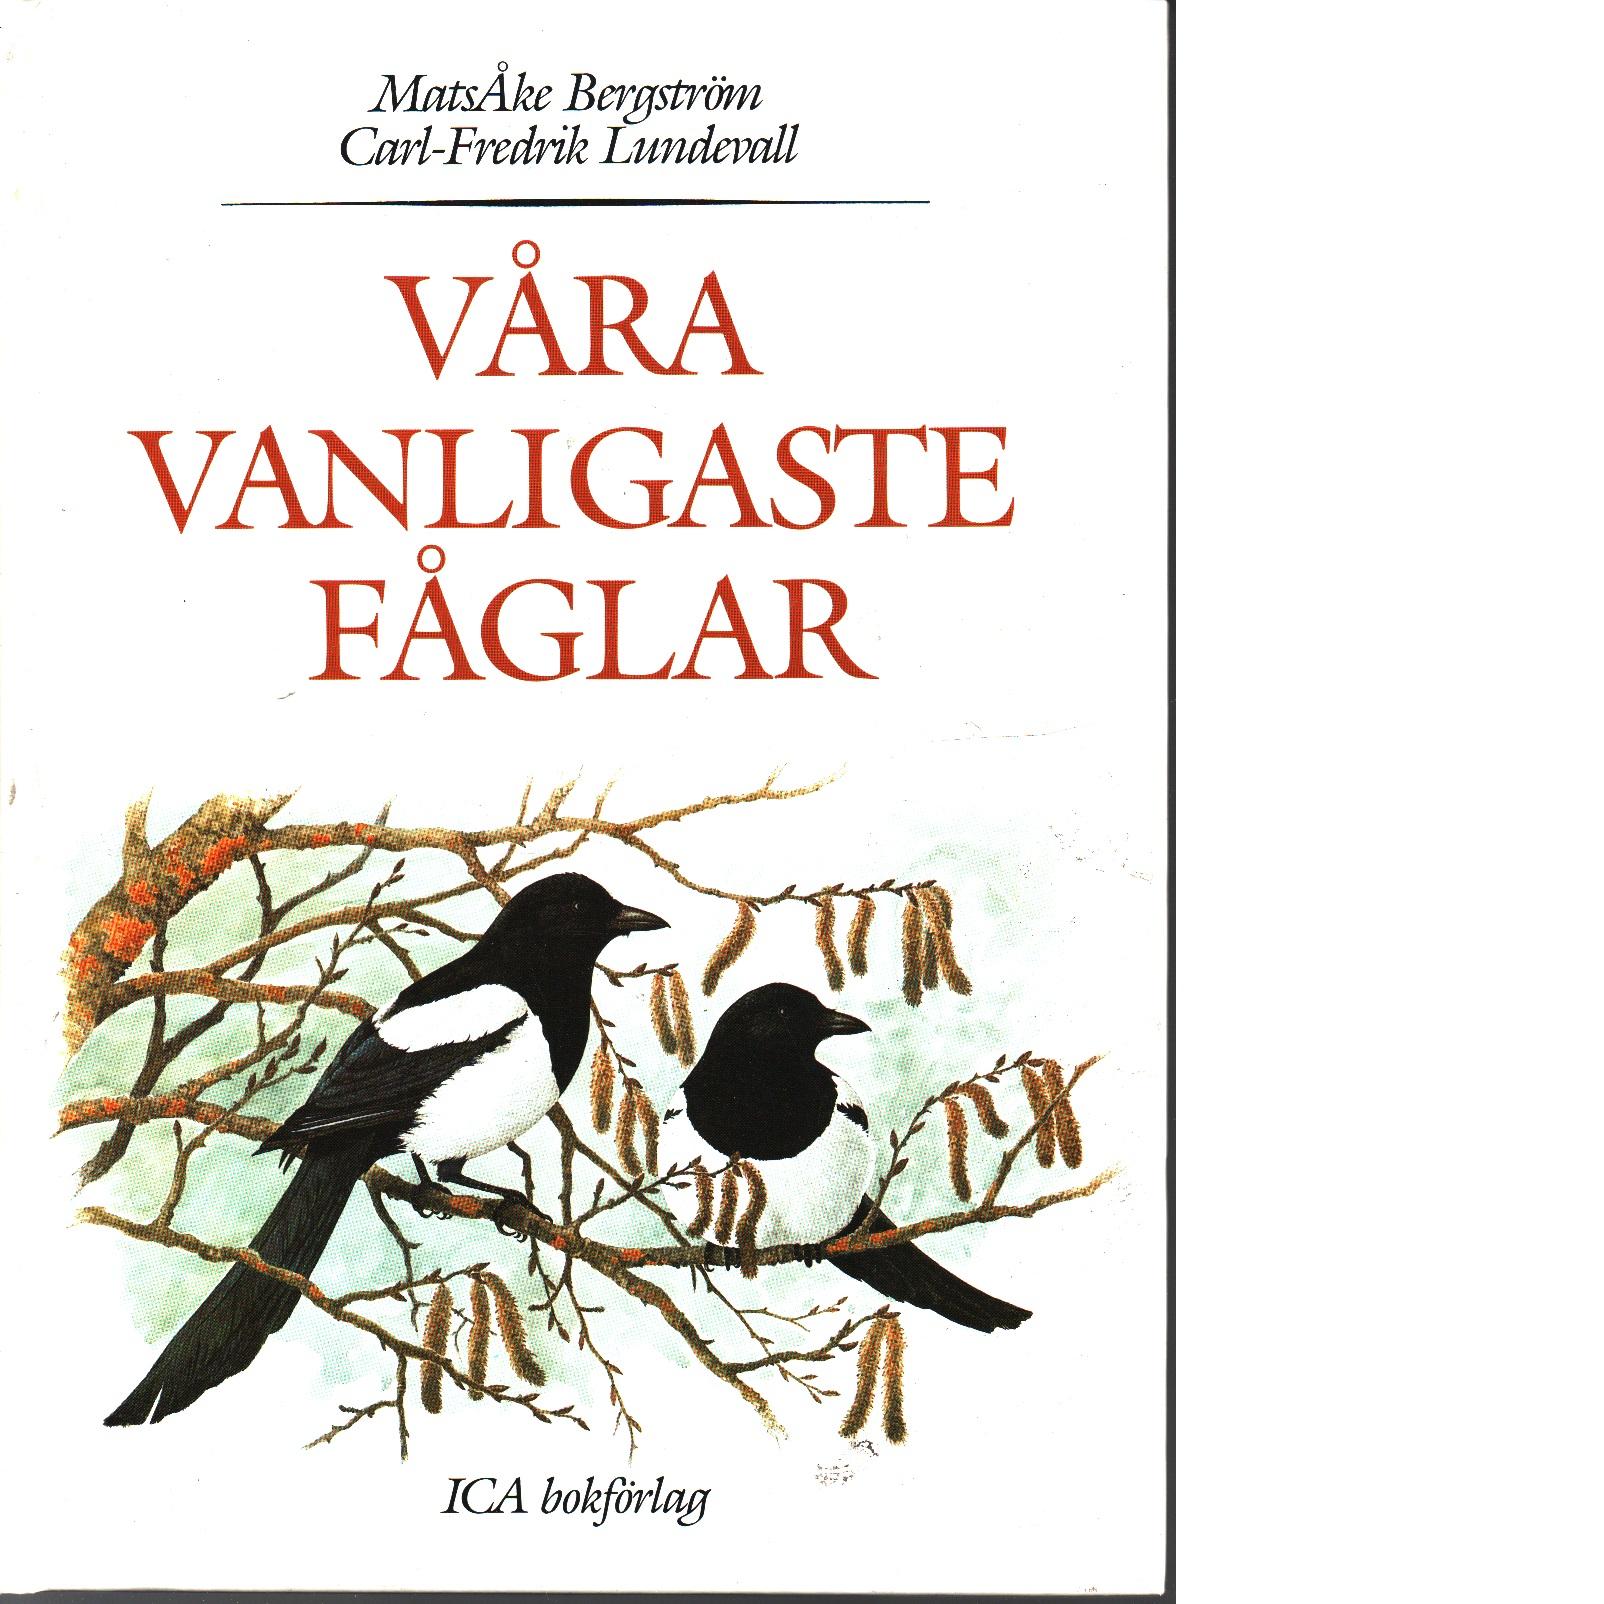 Våra vanligaste fåglar - Bergström, MatsÅke och Lundevall, Carl-Fredrik